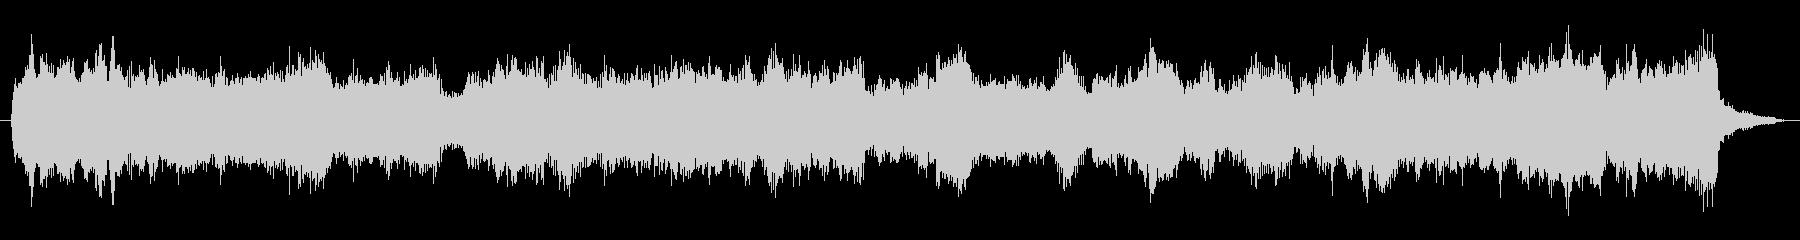 ネオクラシカルな30秒バイオリンBGMの未再生の波形